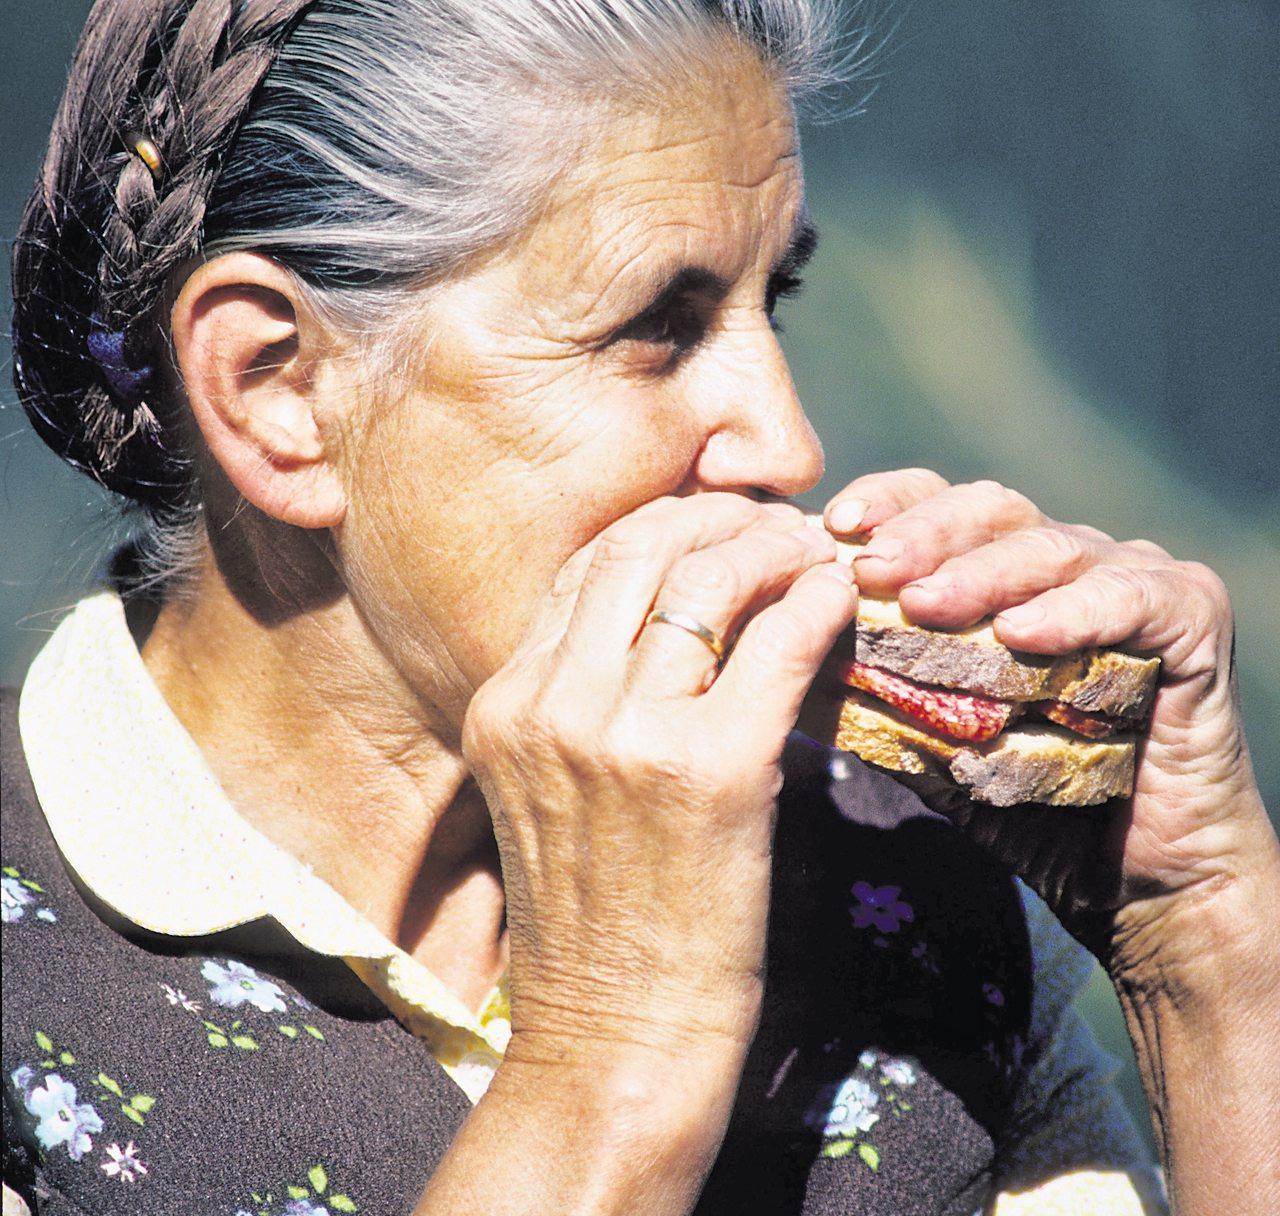 Guten Appetit: Im Alter verringert sich der Energiebedarf, aber der Körper benötigt die gleiche Menge Vitamine und Mineralien. Daher sollten besonders nährstoffdichte Lebensmittel gegessen werden. Foto: pixabay